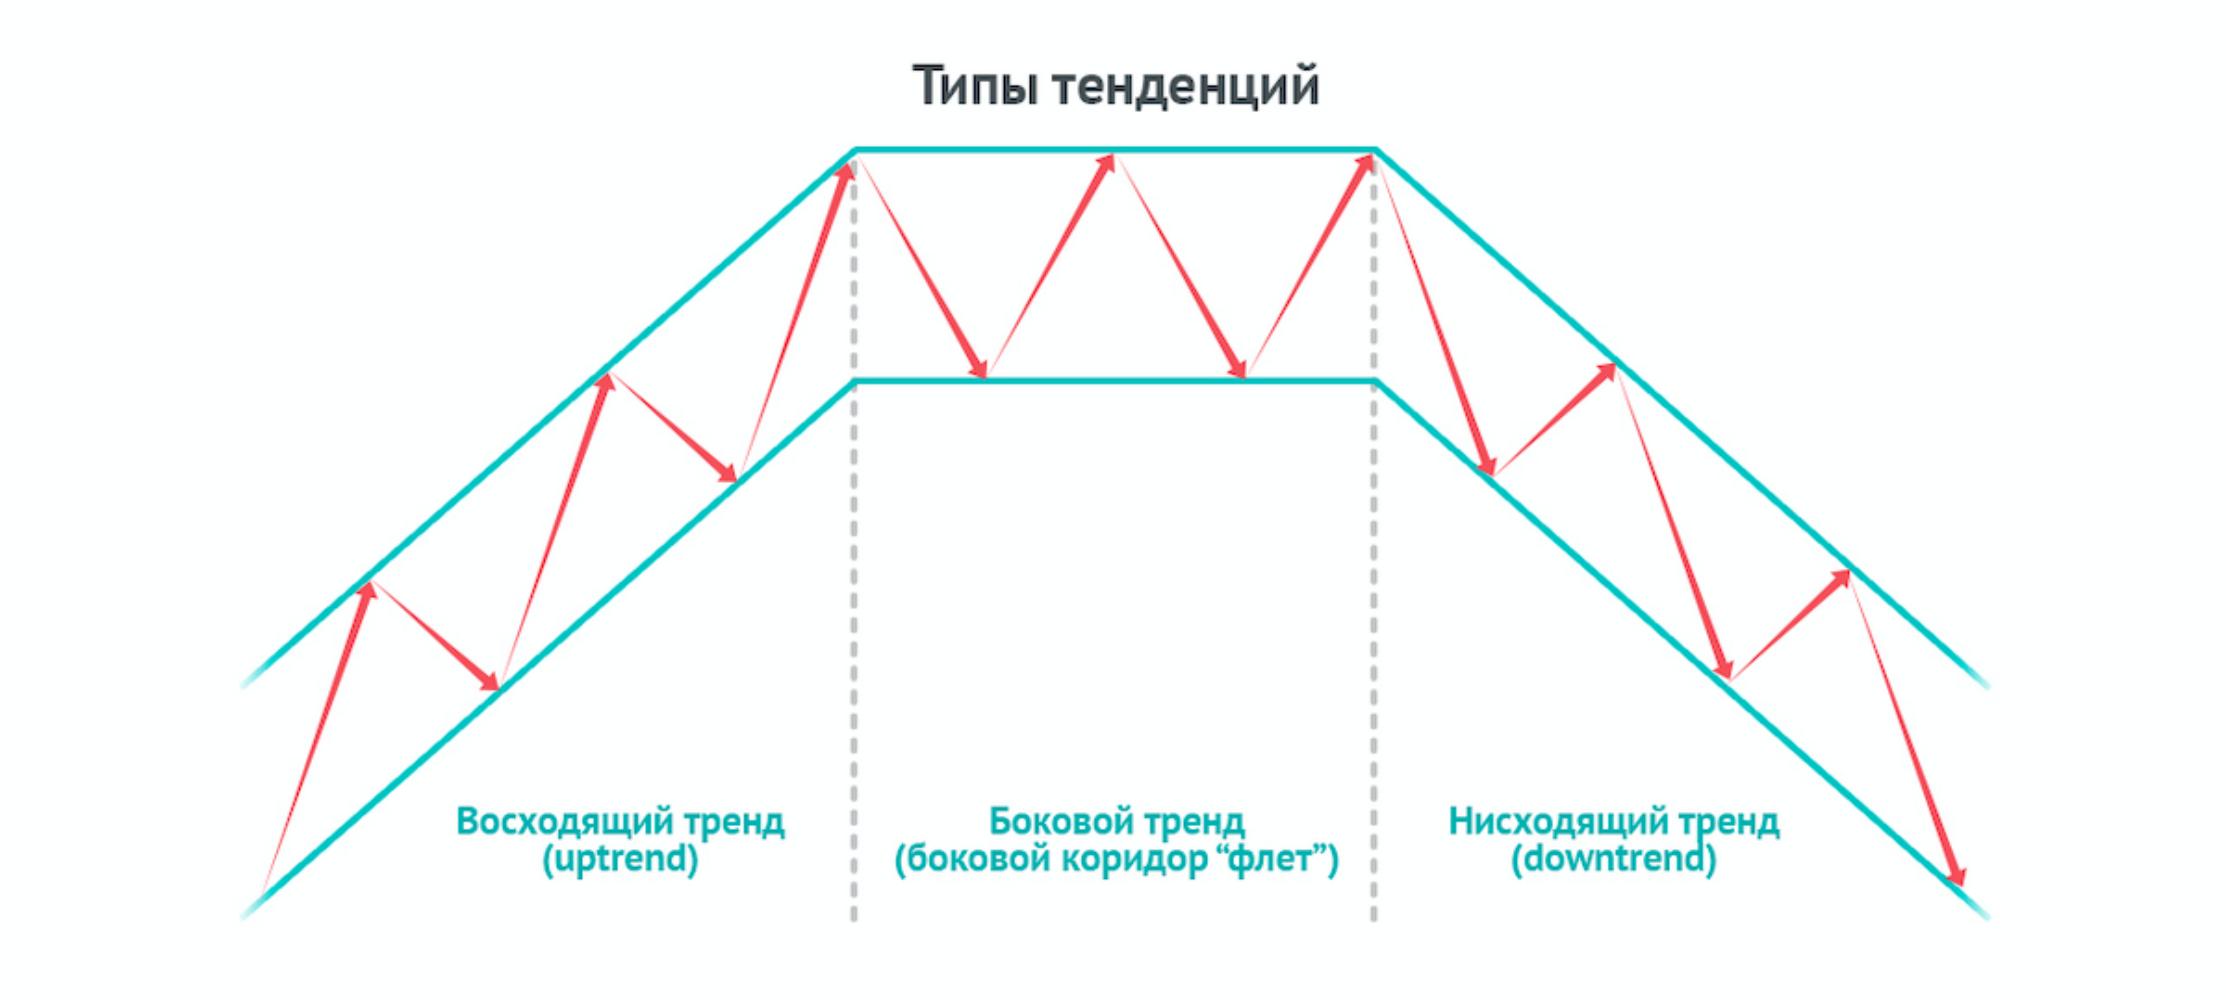 Технический анализ изнутри, как применять